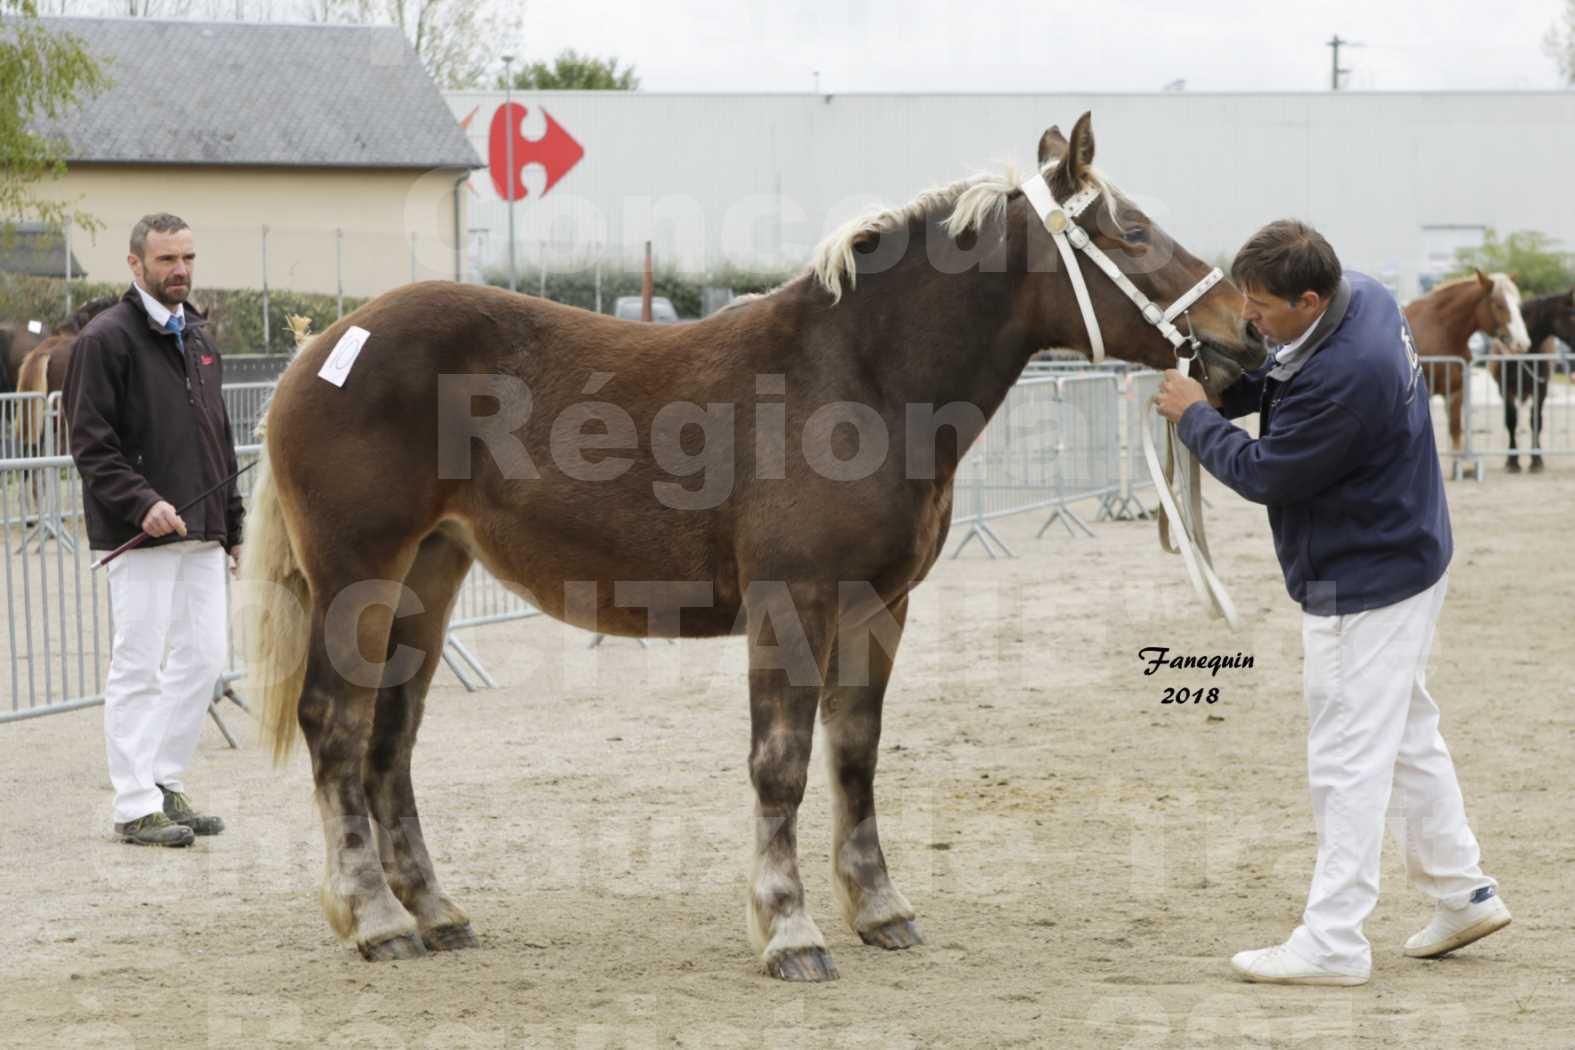 """Concours Régional """"OCCITANIE"""" de Chevaux de Traits à REQUISTA en 2018 - HINDY DES RAYNAUDS - 3"""